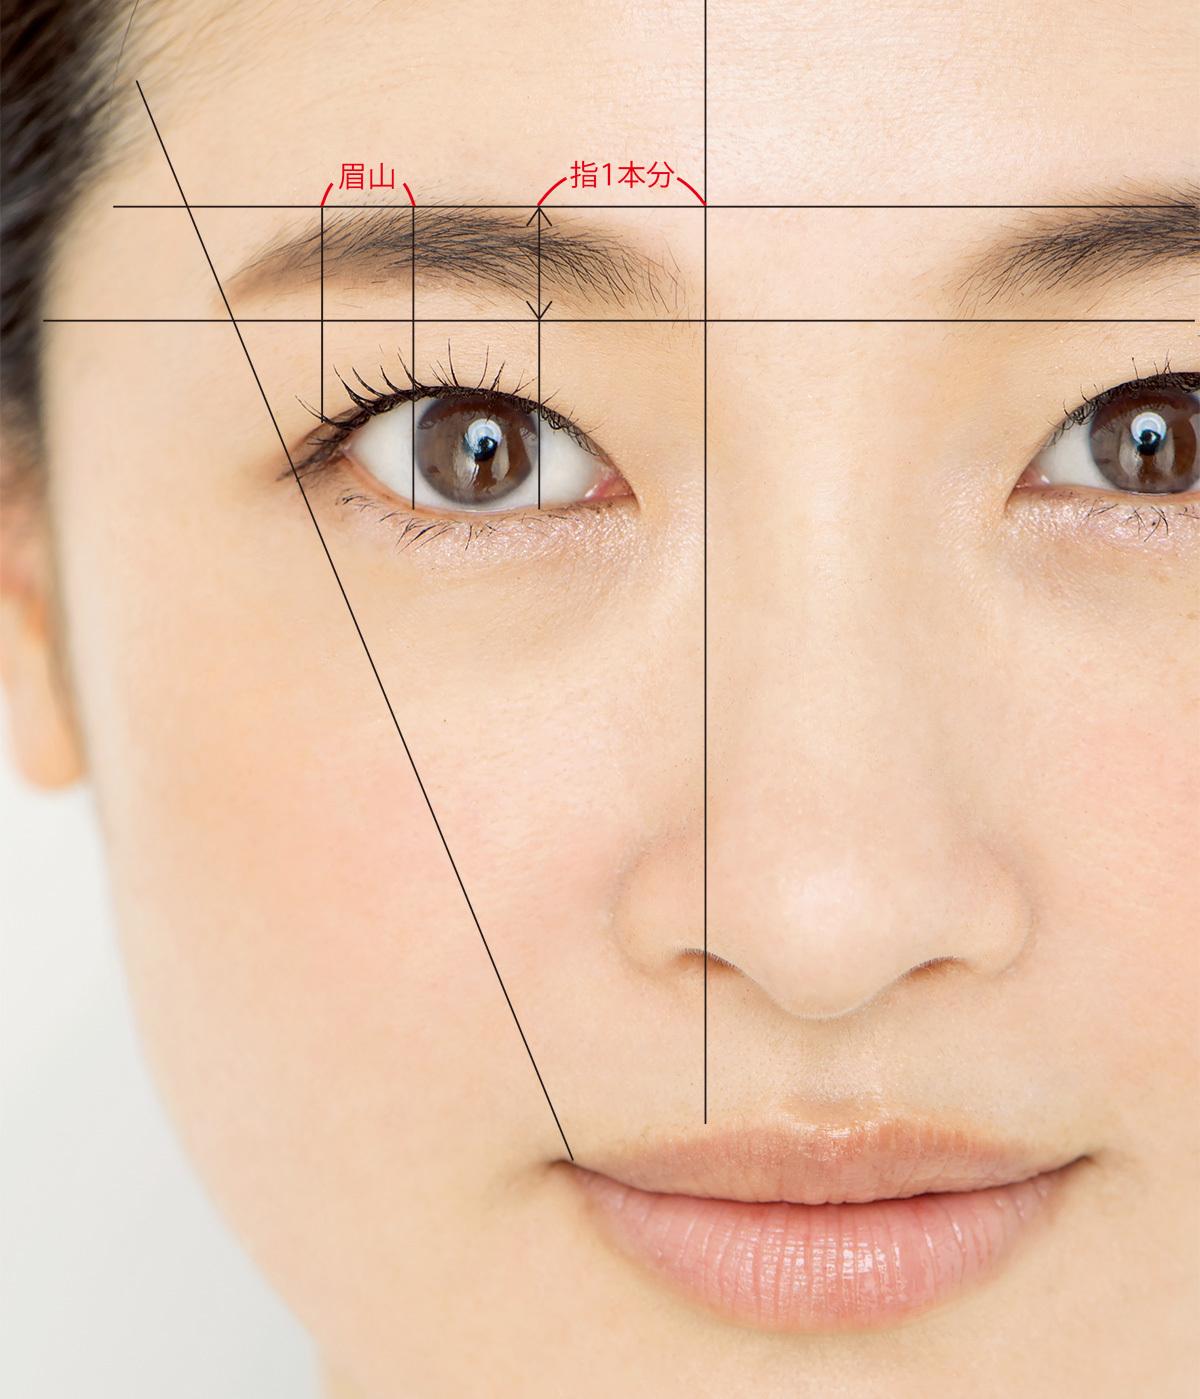 むかし覚えた眉の呪縛にとらわれていない? これが今のアラフォーの理想眉設計図!_1_1